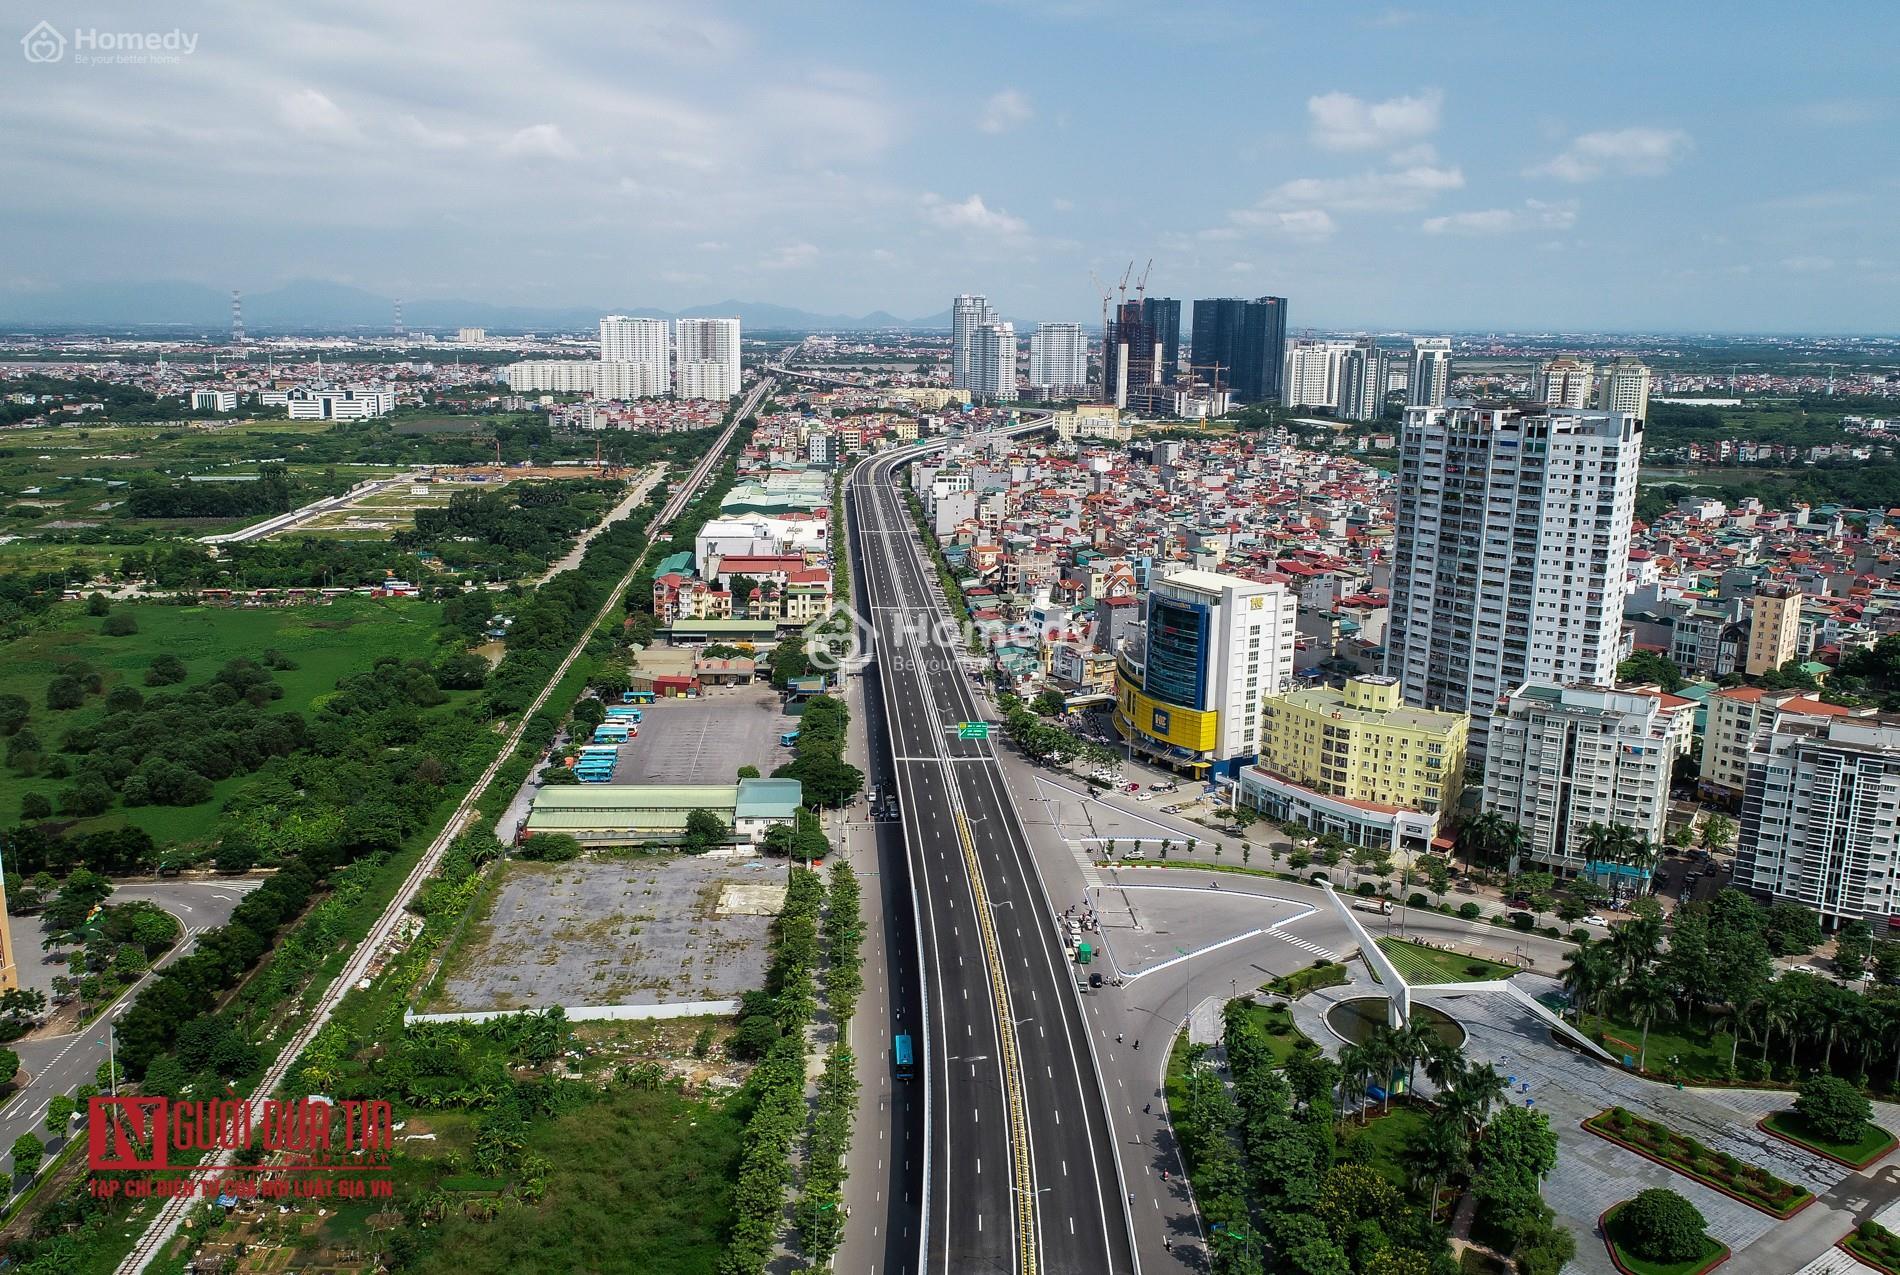 Giá BĐS tăng mạnh sau khi đường Phạm Văn Đồng mở rộng 12 làn xe